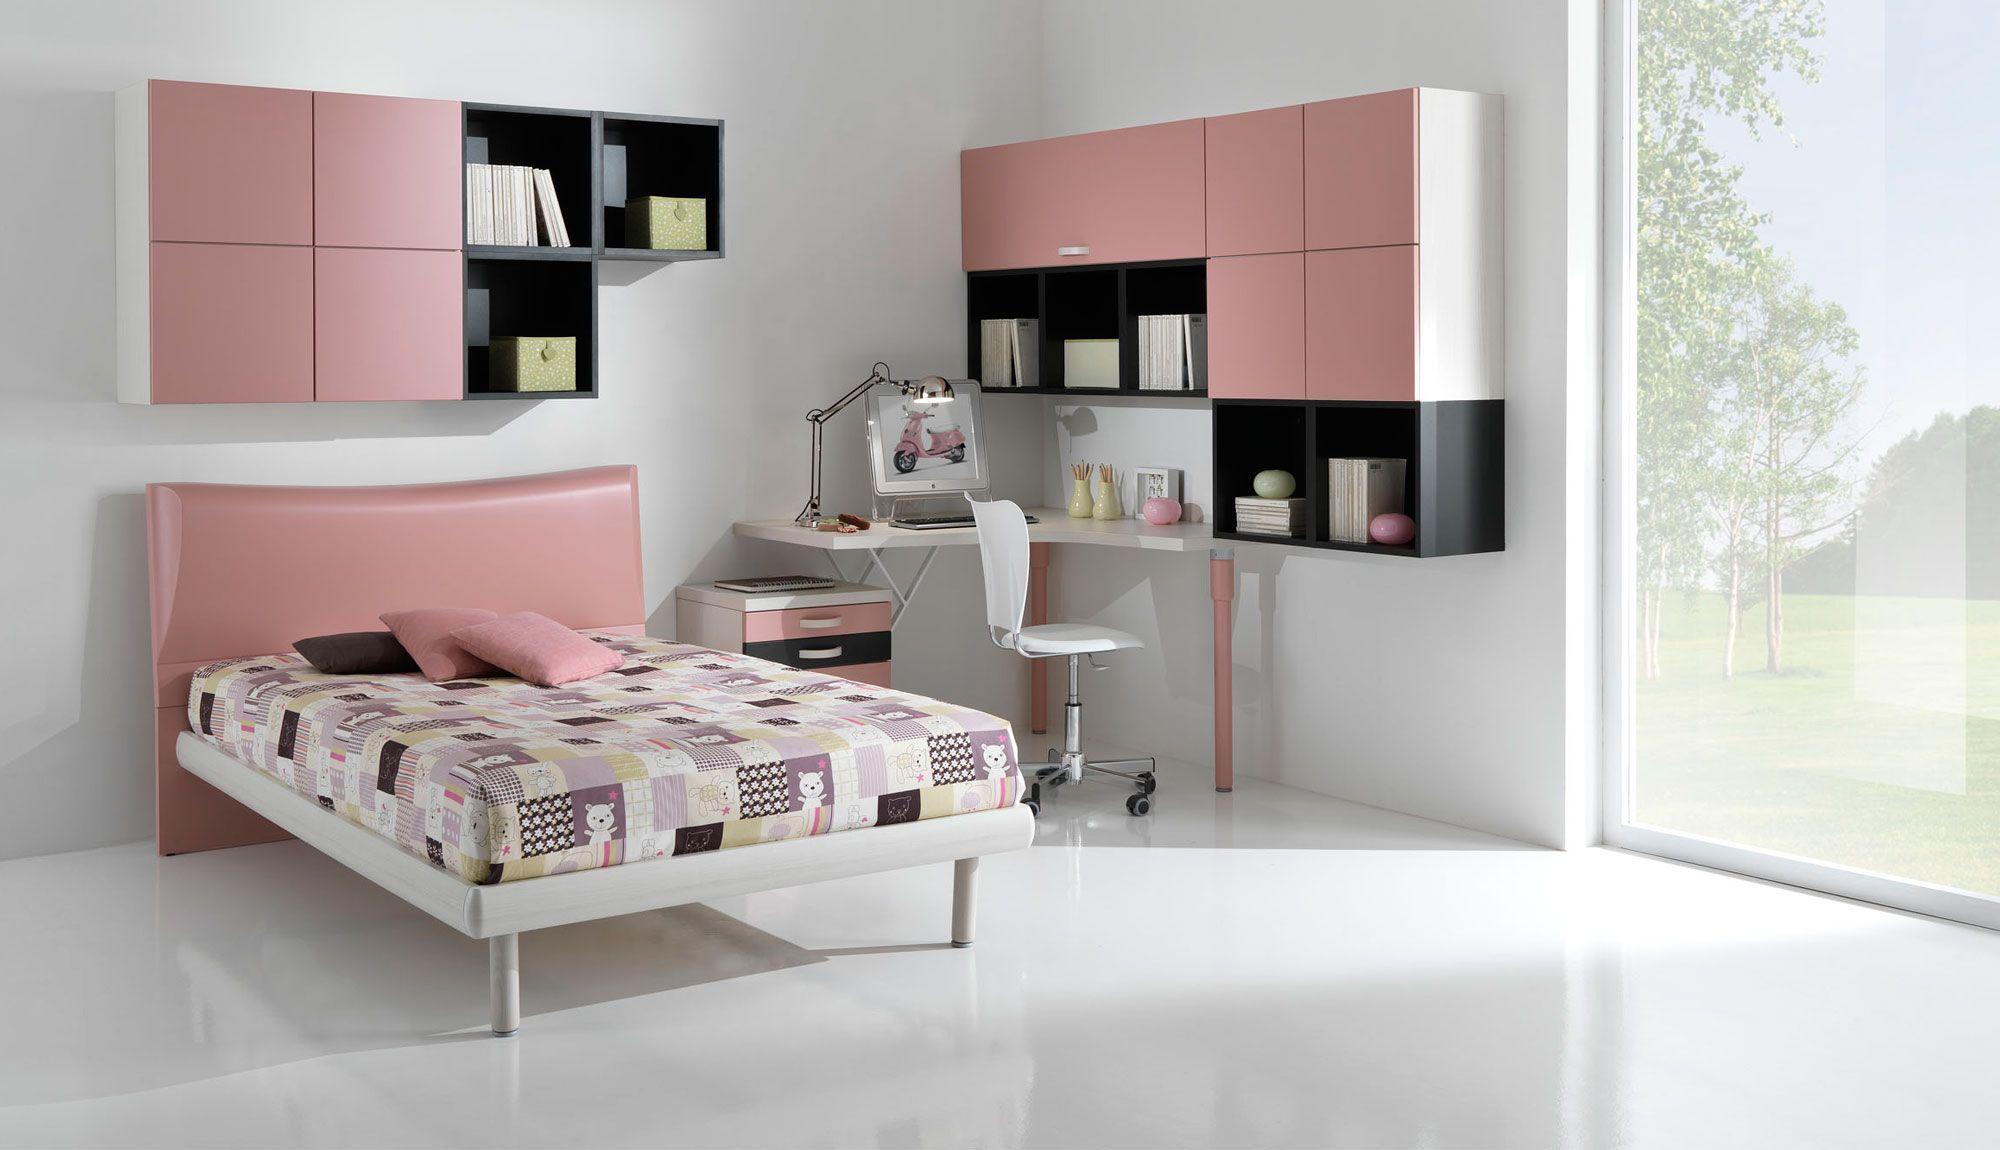 Gsg Nuova Z64 Gsg Camerette Pinterest Room # Giessegi Muebles Infantil